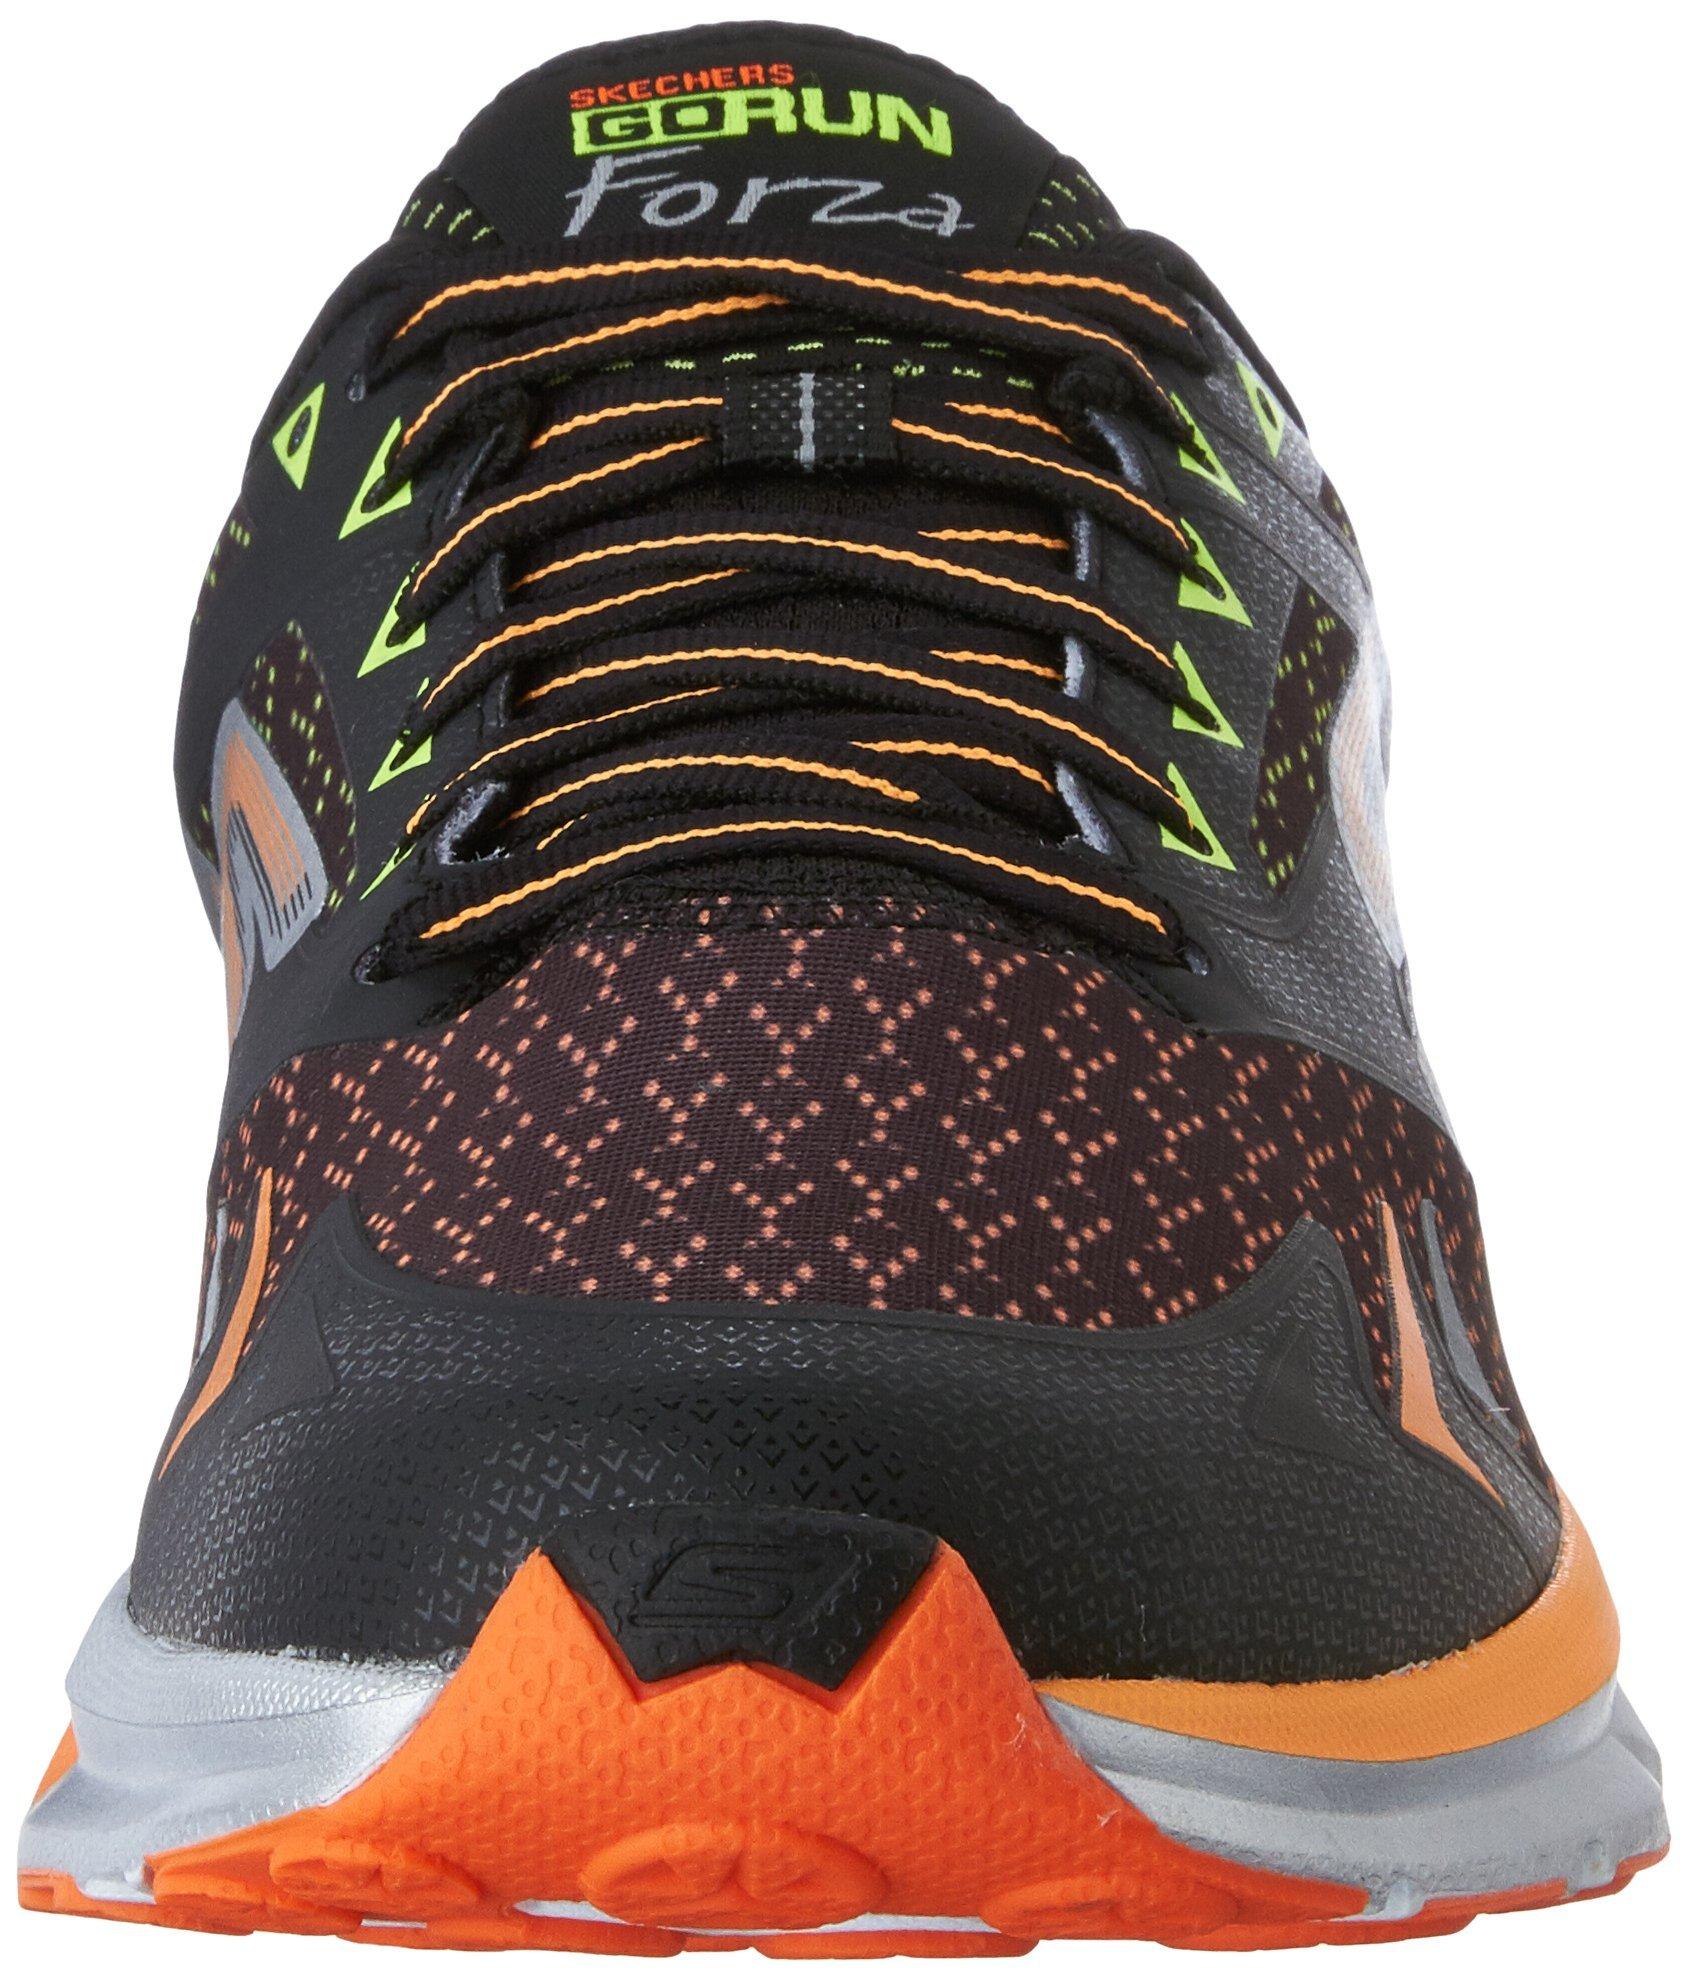 81DEBCp5ZkL - Skechers Men's Go Forza Running Shoes